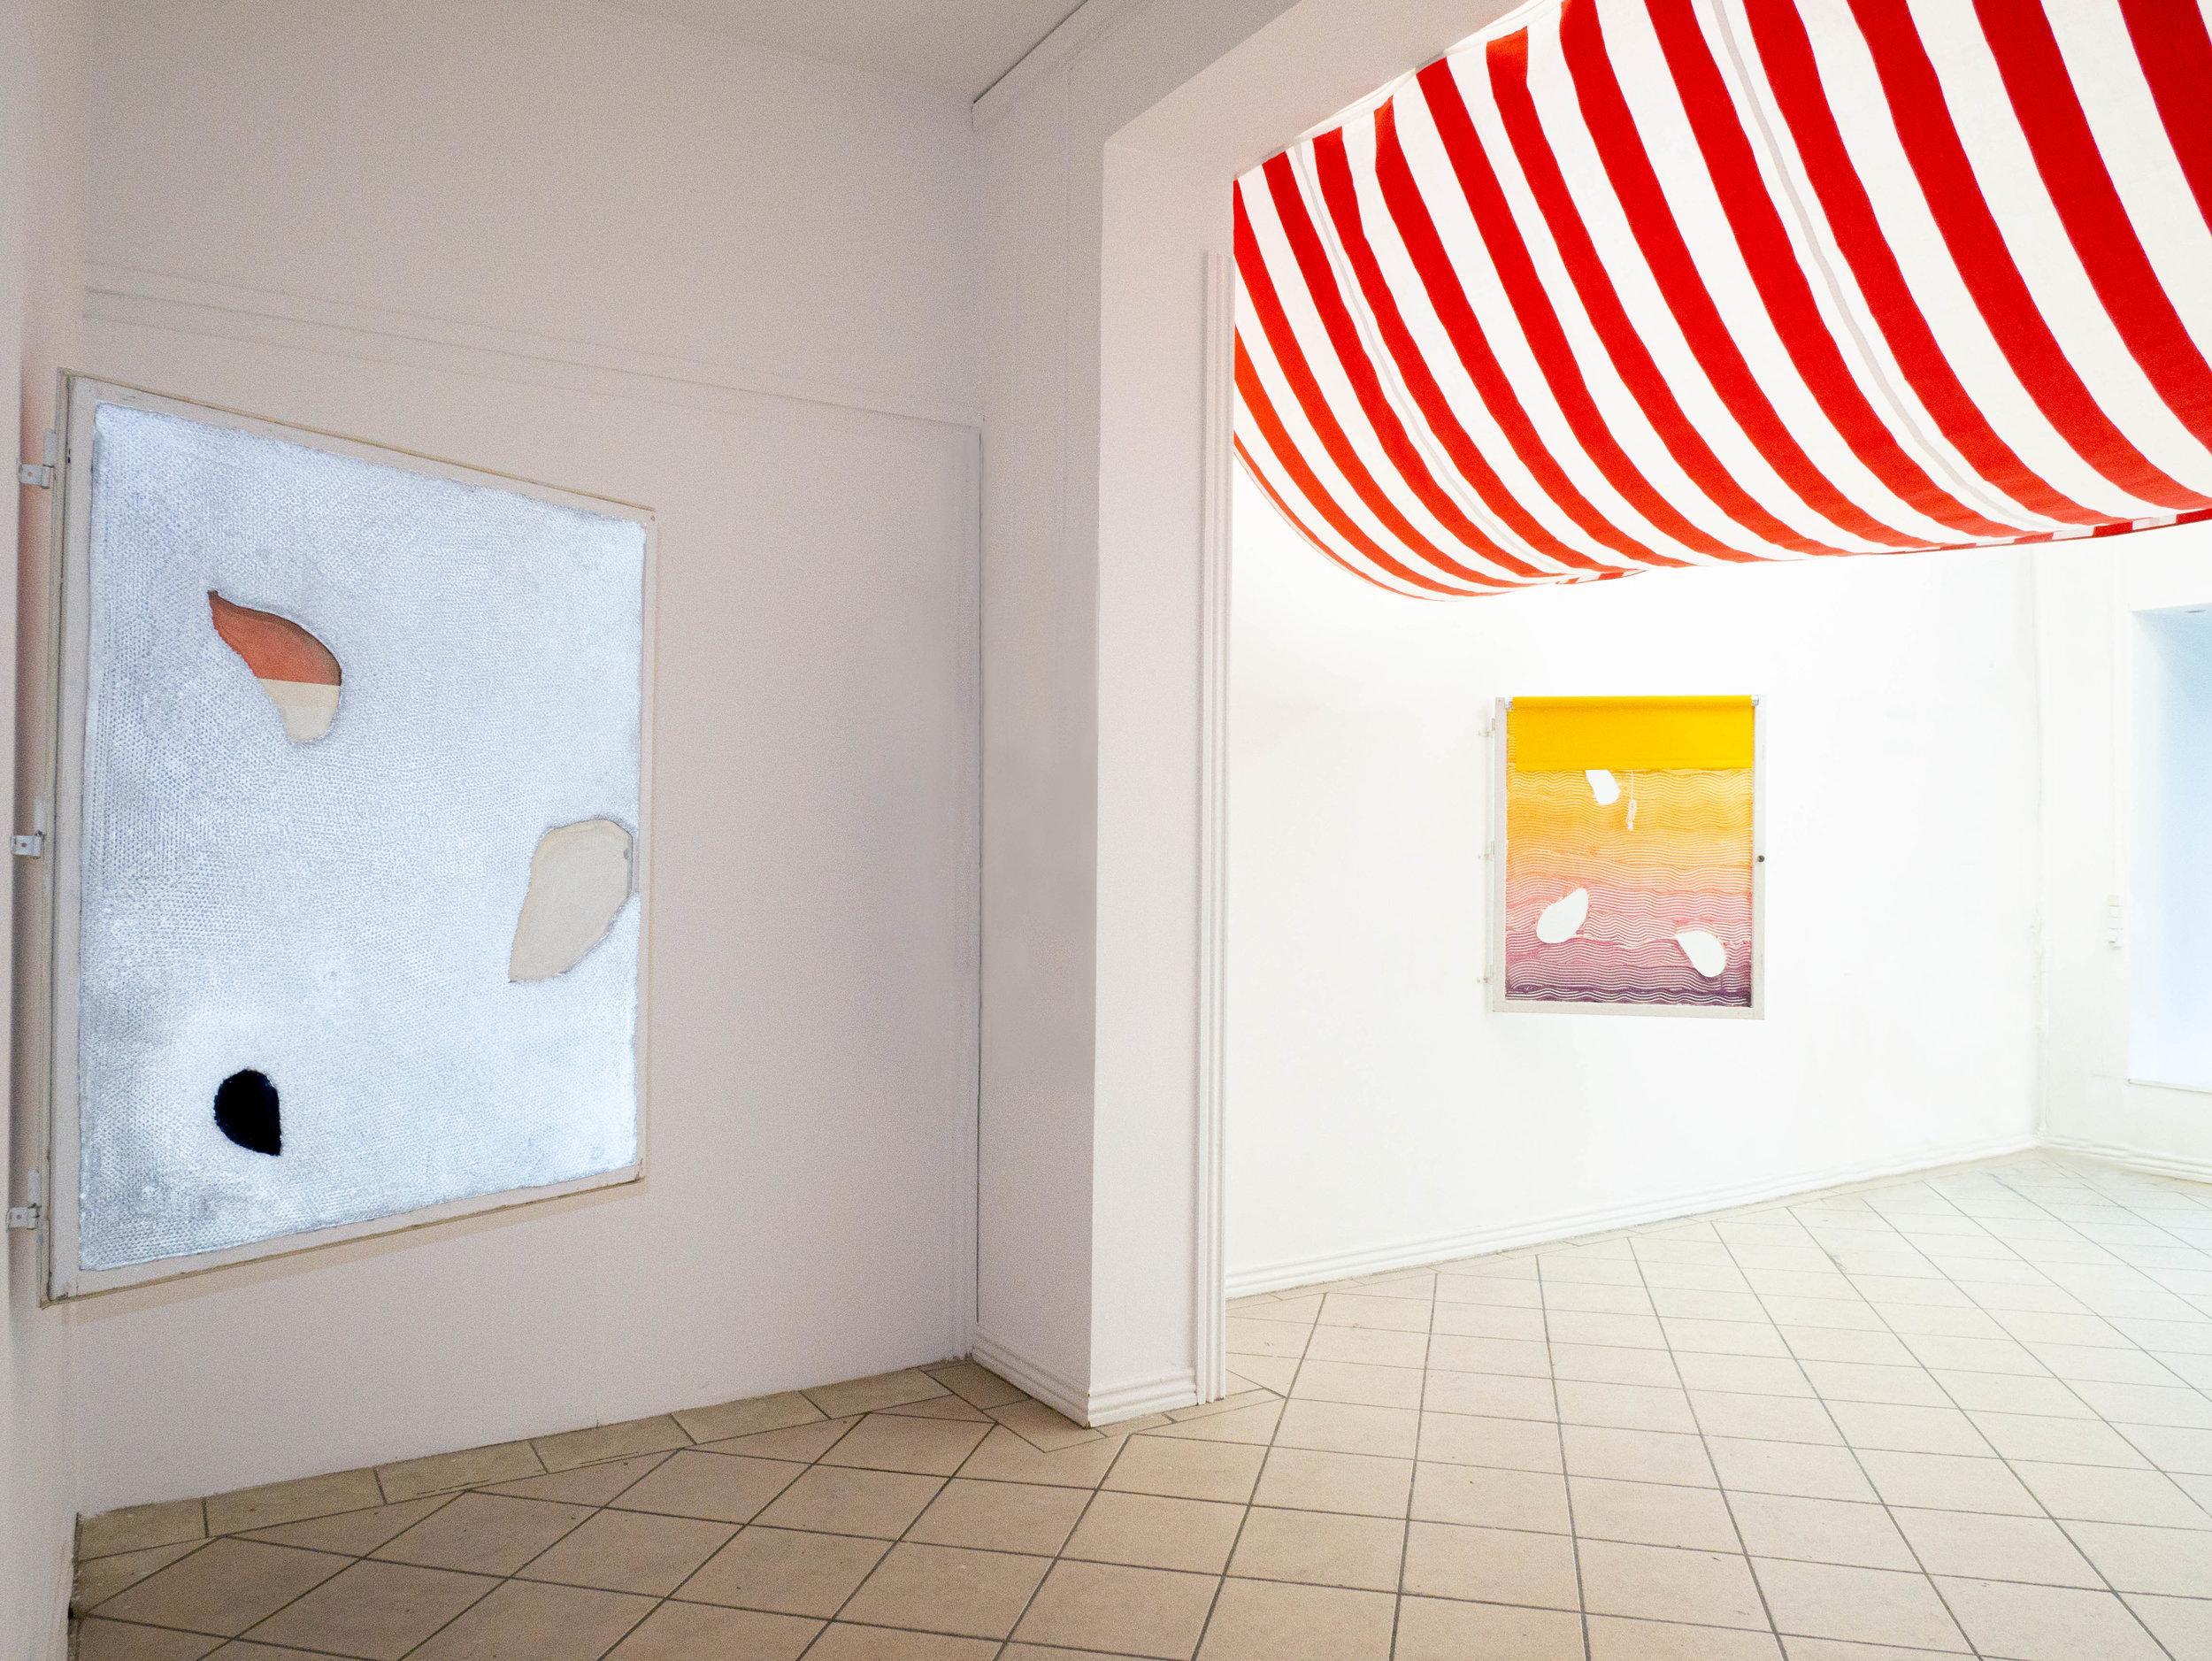 CURB APPEAL Installation view 'Shades of Satellite' (left) & 'Streams of Reverberation' (right) Projektrum Vera, Copenhagen, DK